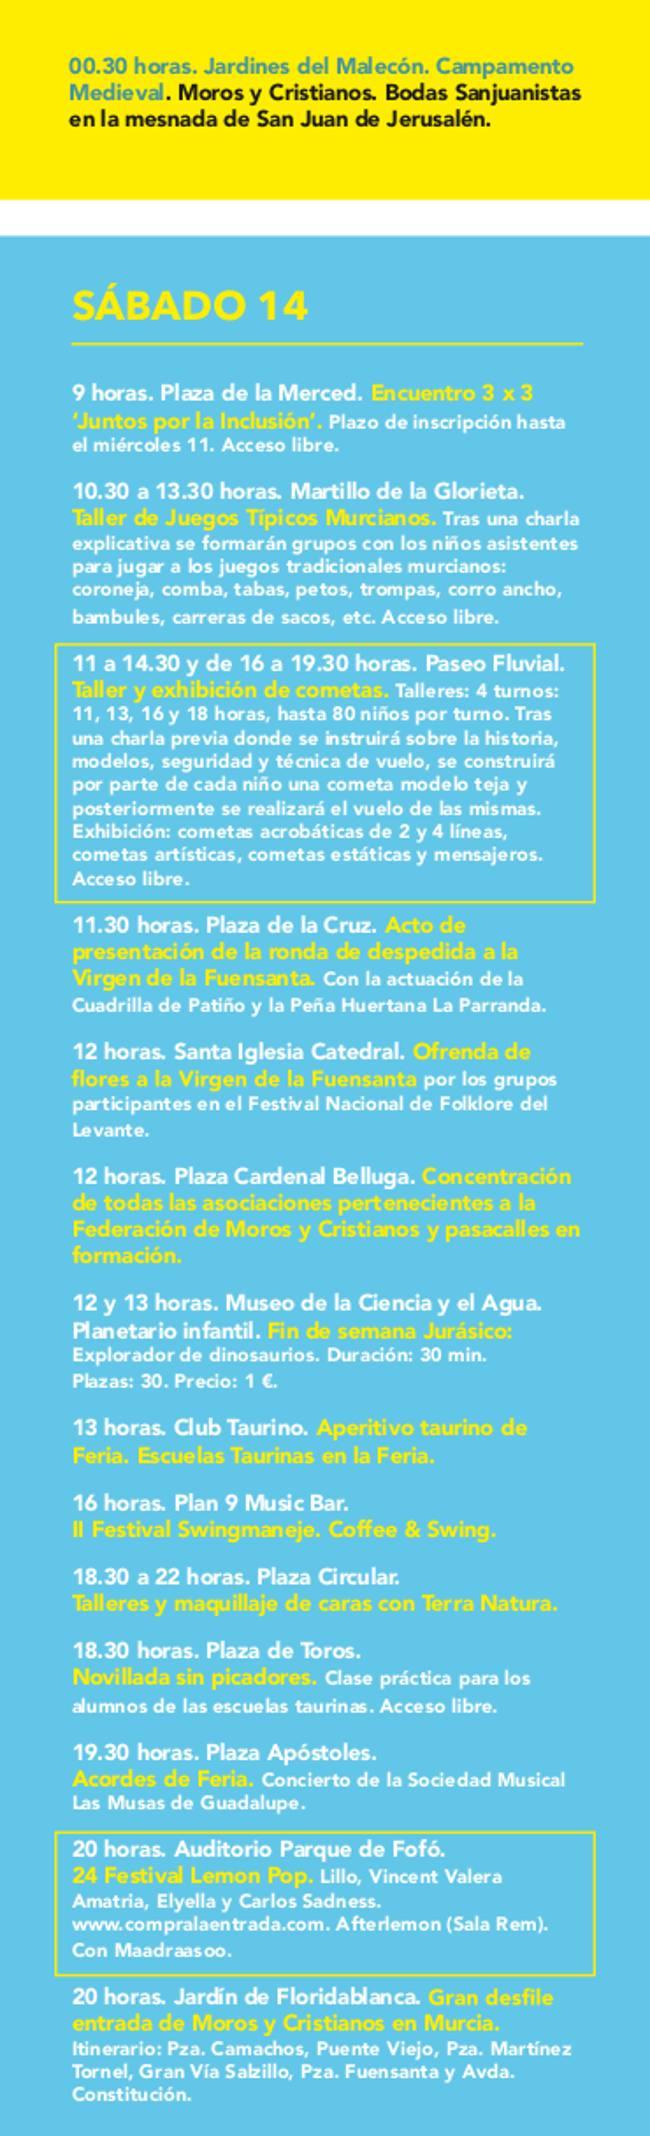 programa-feria-septiembre-murcia-2019-08.jpg